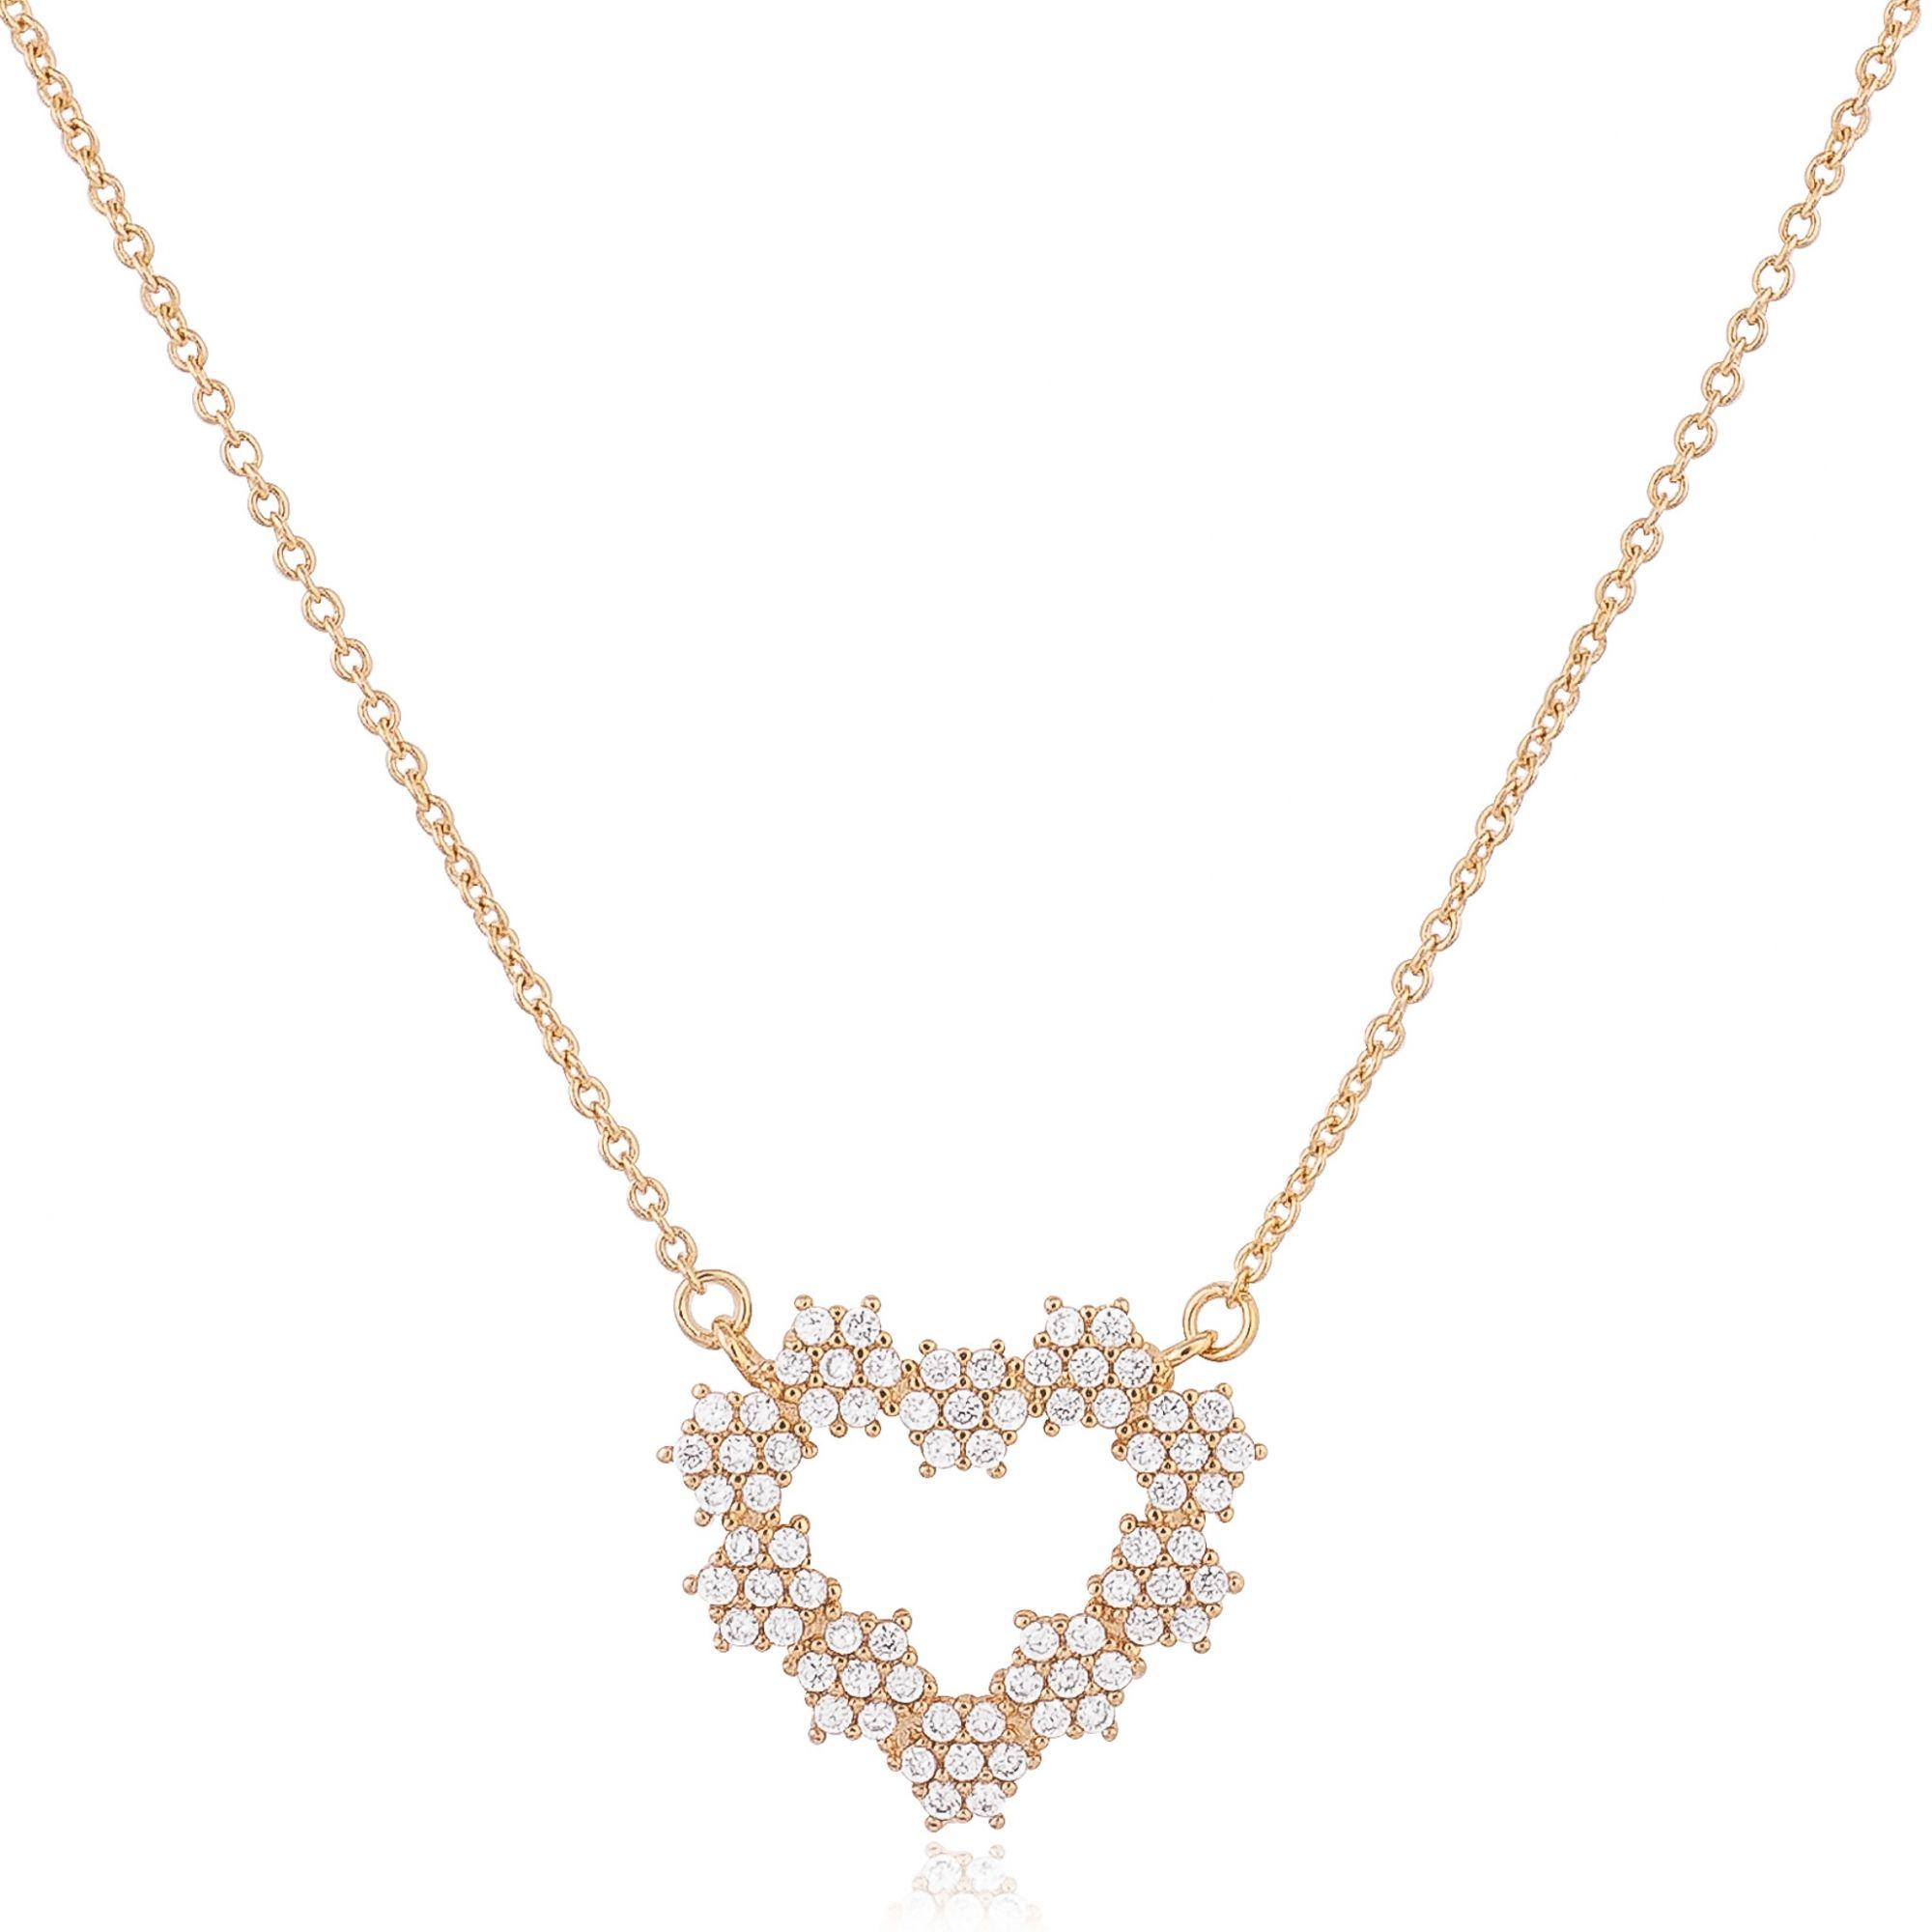 Colar de coração com zircônias cristais banhado a ouro 18k.  - romabrazil.com.br